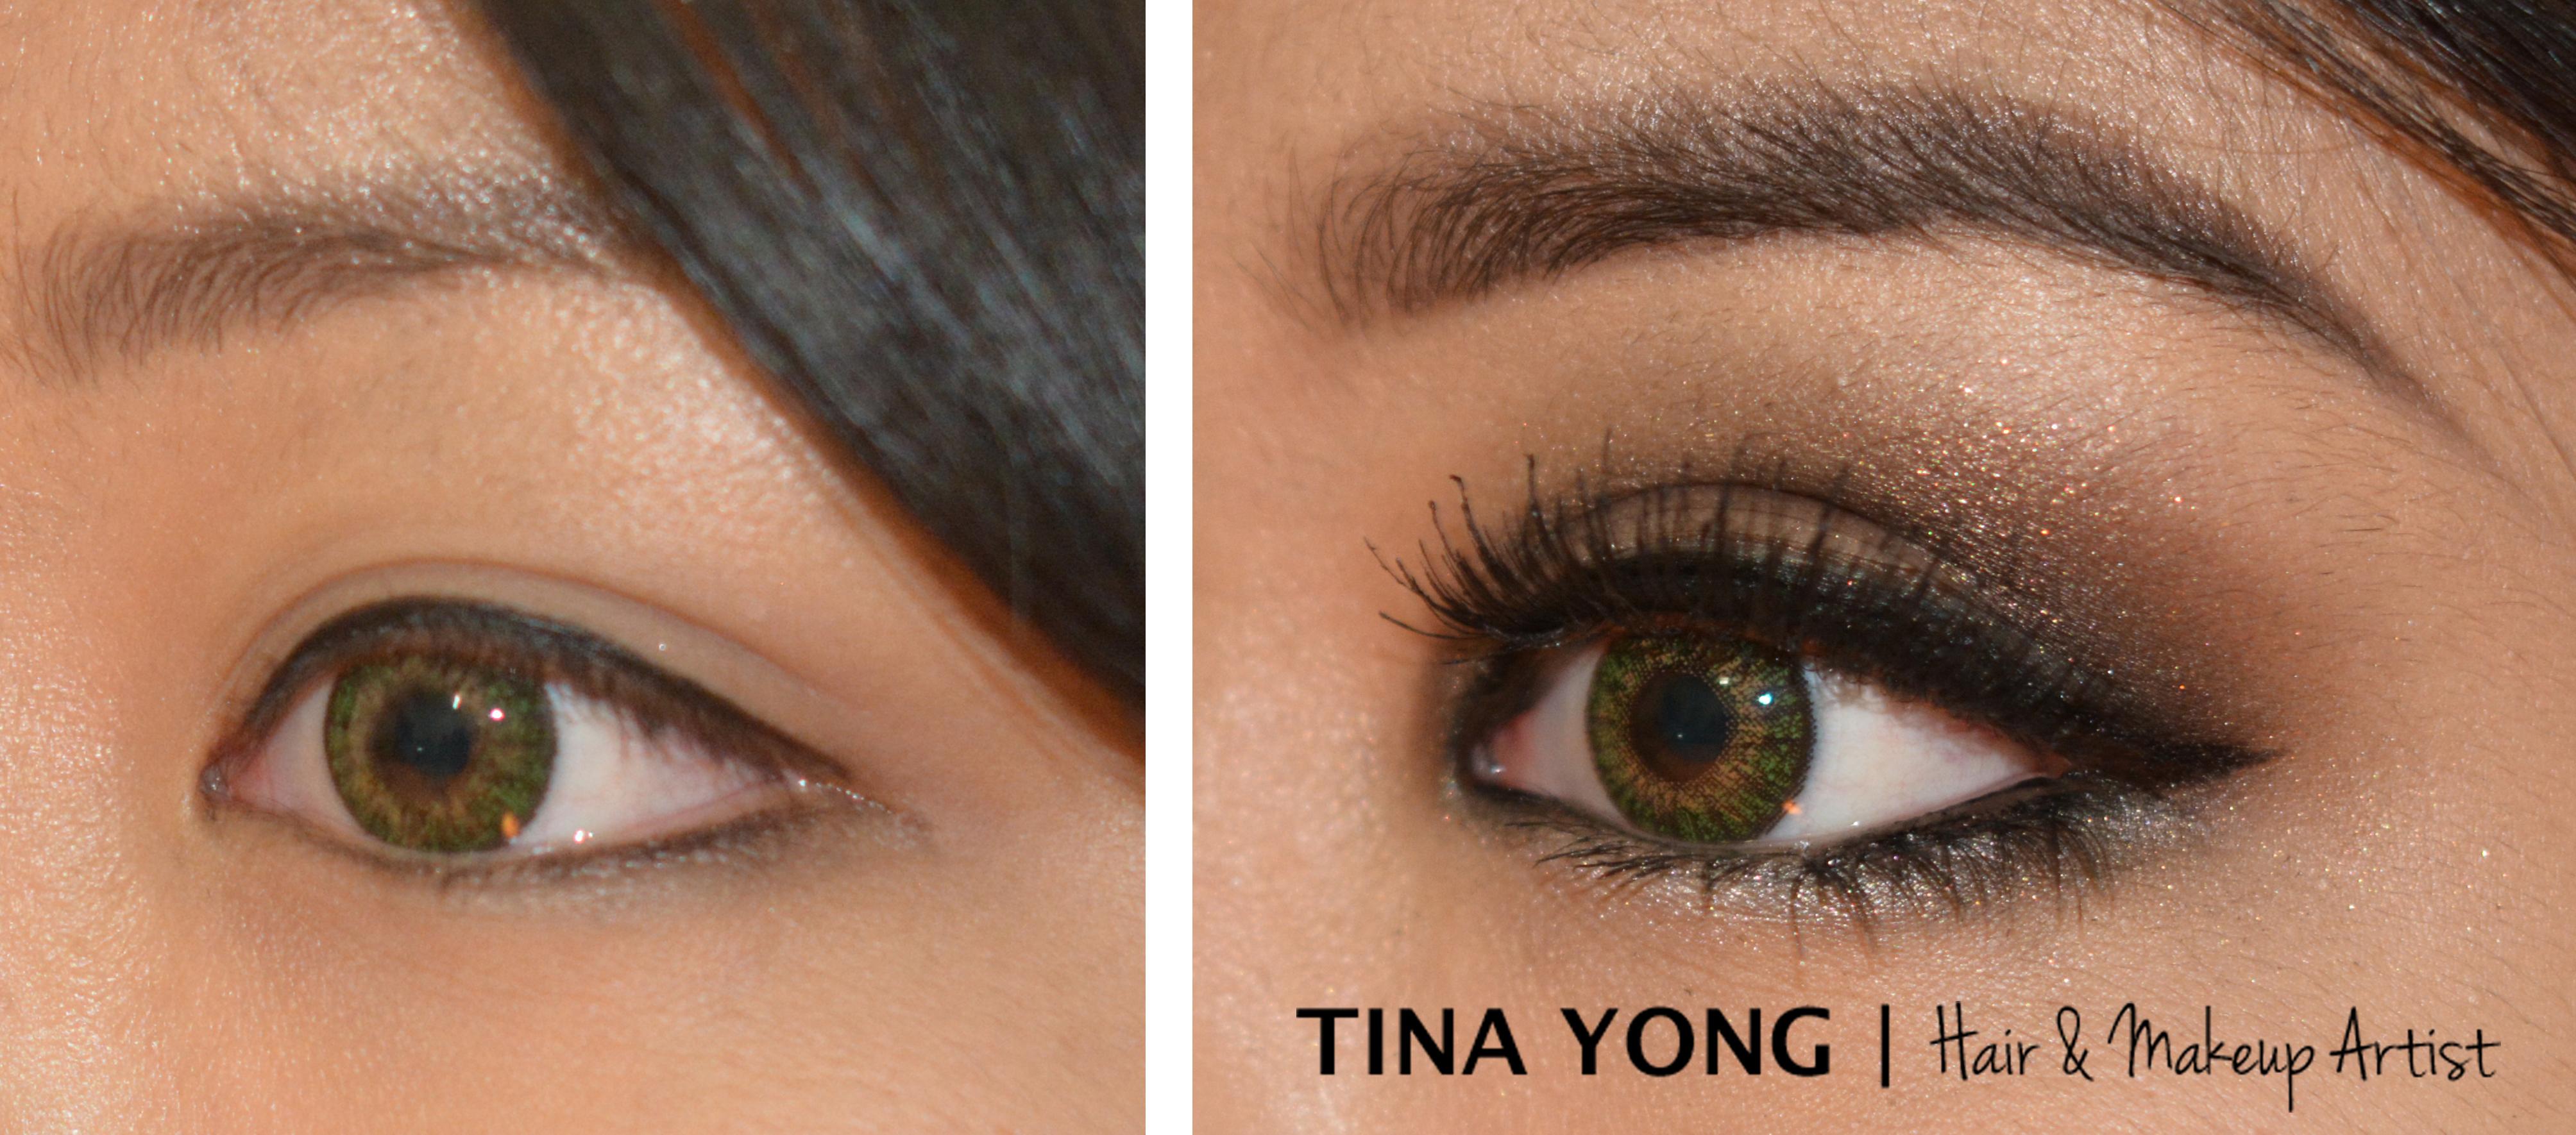 Korean Makeup Artist Sydney Tina Yong